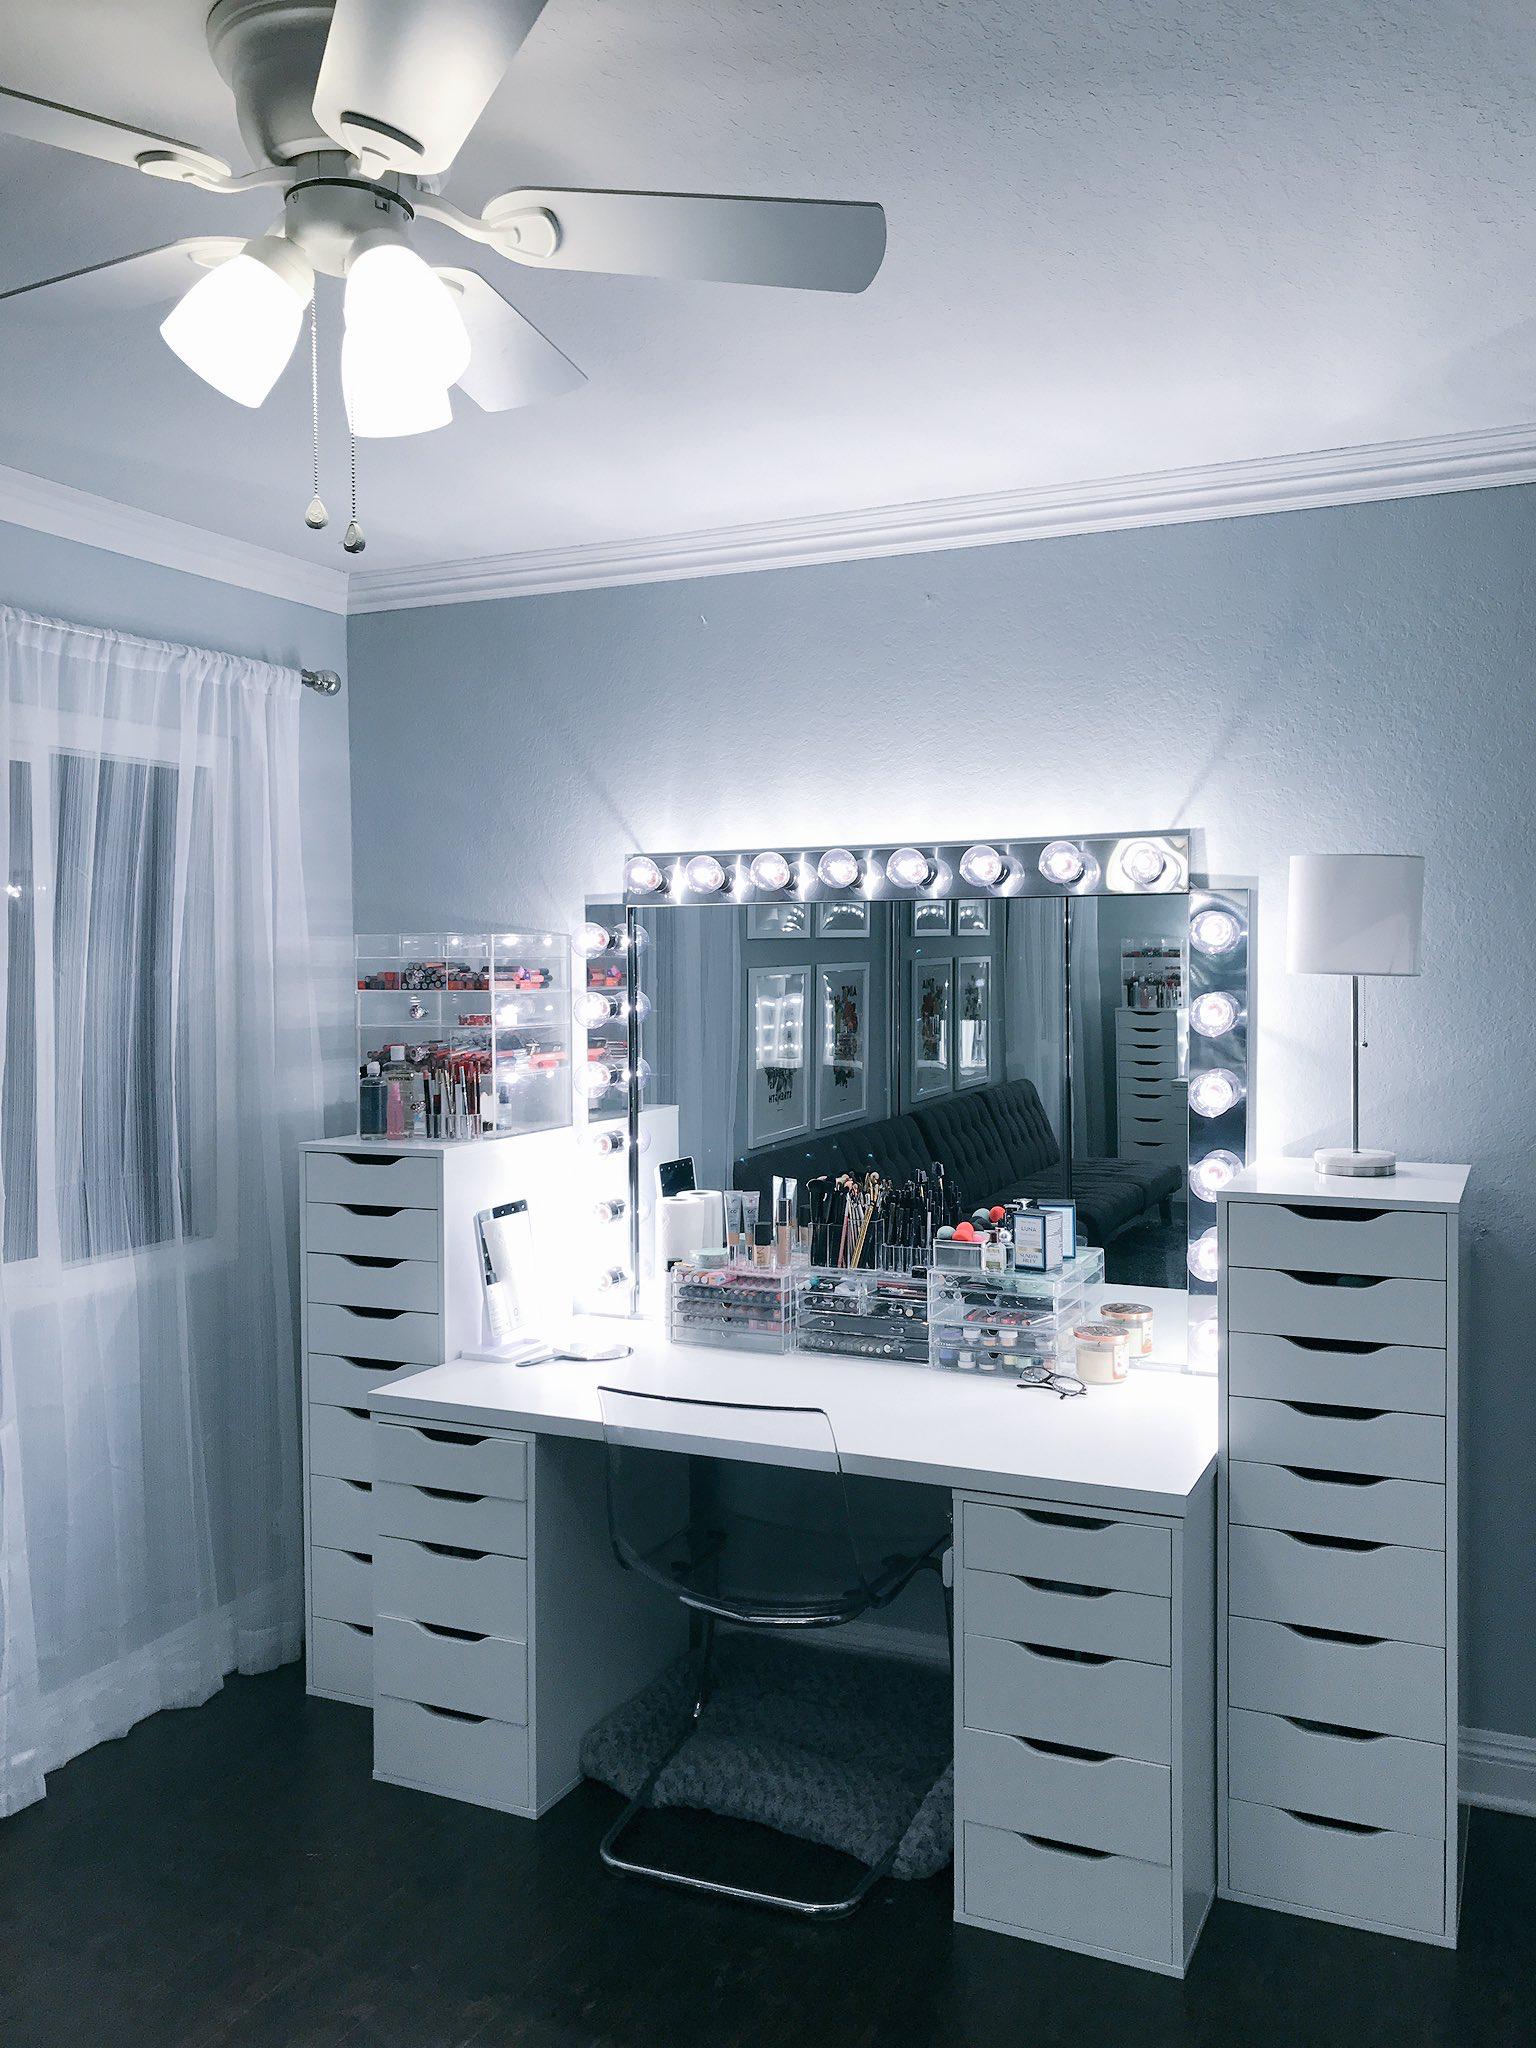 Pin von Amea auf Bedroom | Pinterest | Schminktische, Wohnideen und ...